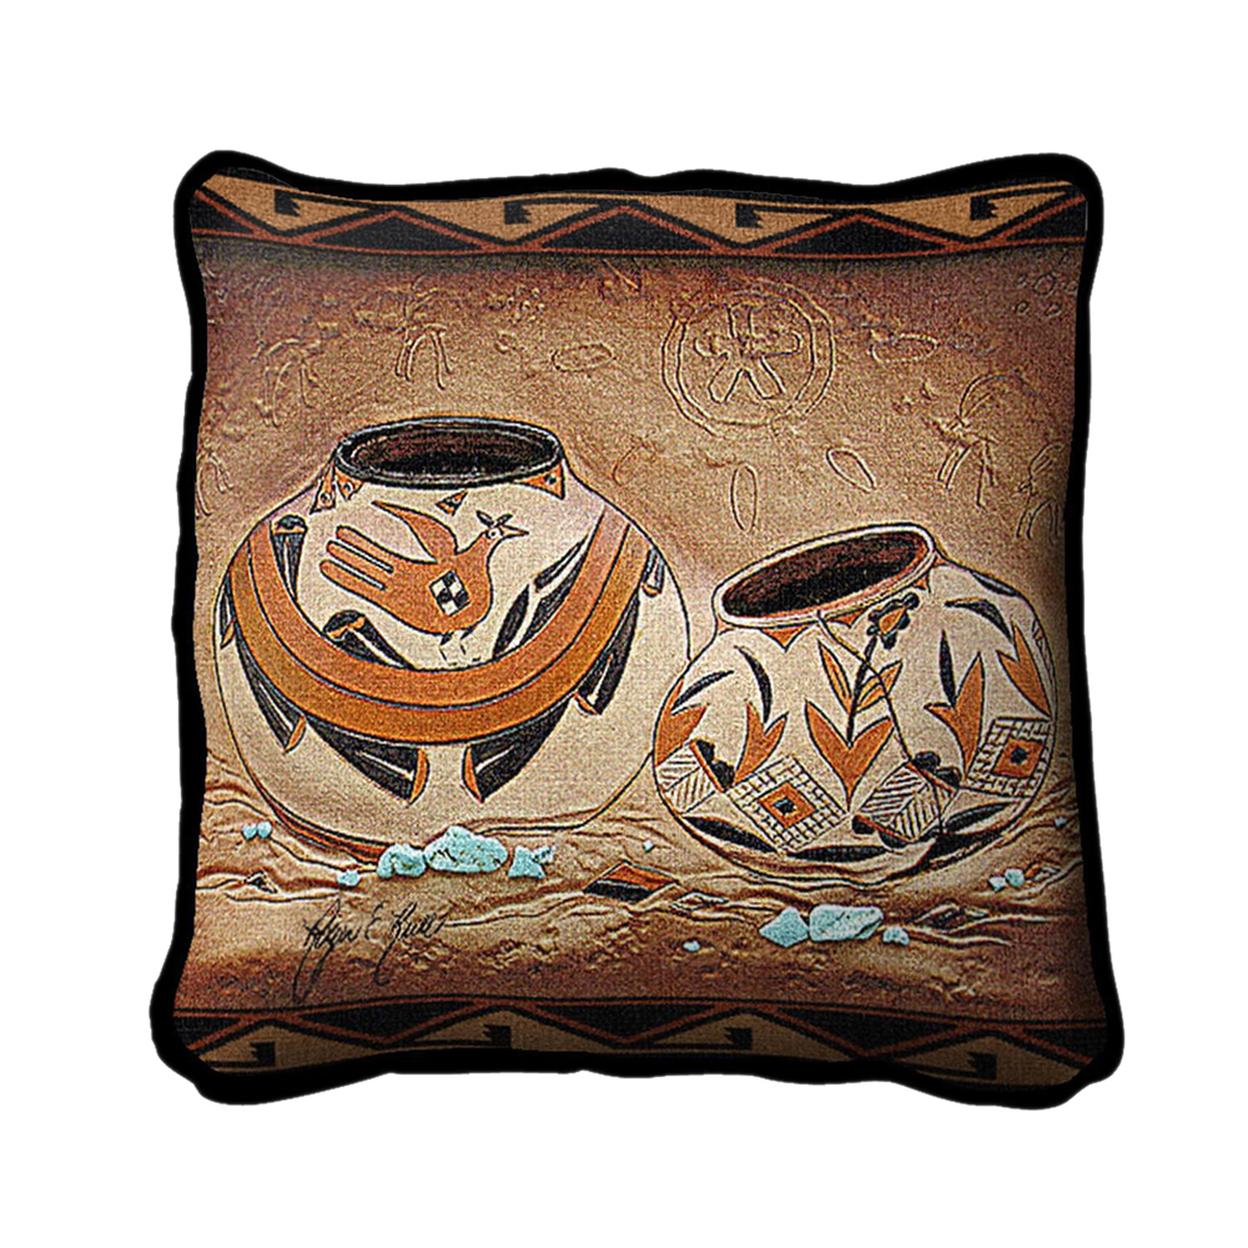 Pure Country Weavers Home Decorative Zuni Pottery Pillow 596612012a00e4726e00a3c0